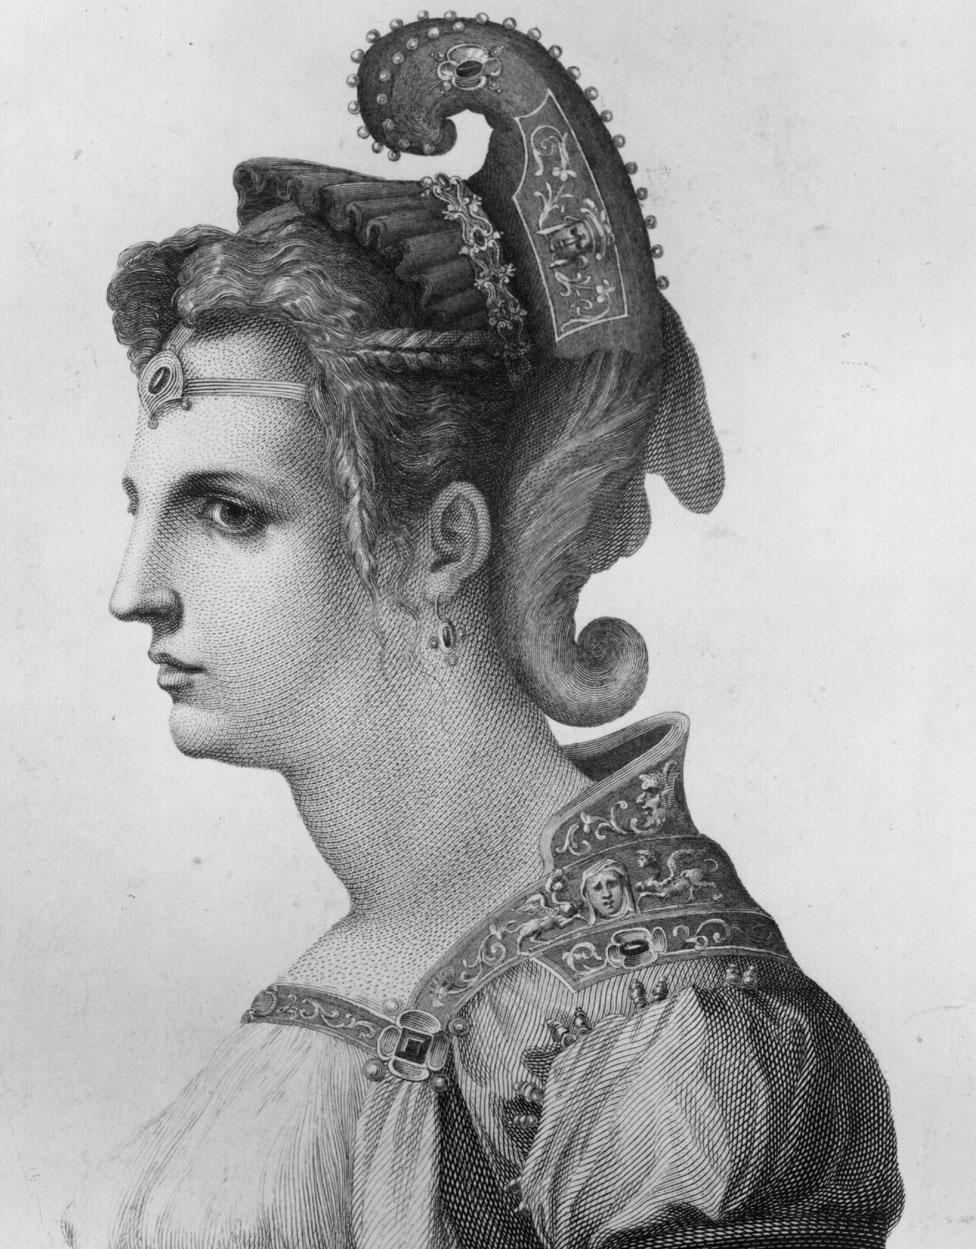 Retrato de Zenobia por el artista William Sharp, inspirado en un dibujo de Miguel Ángel